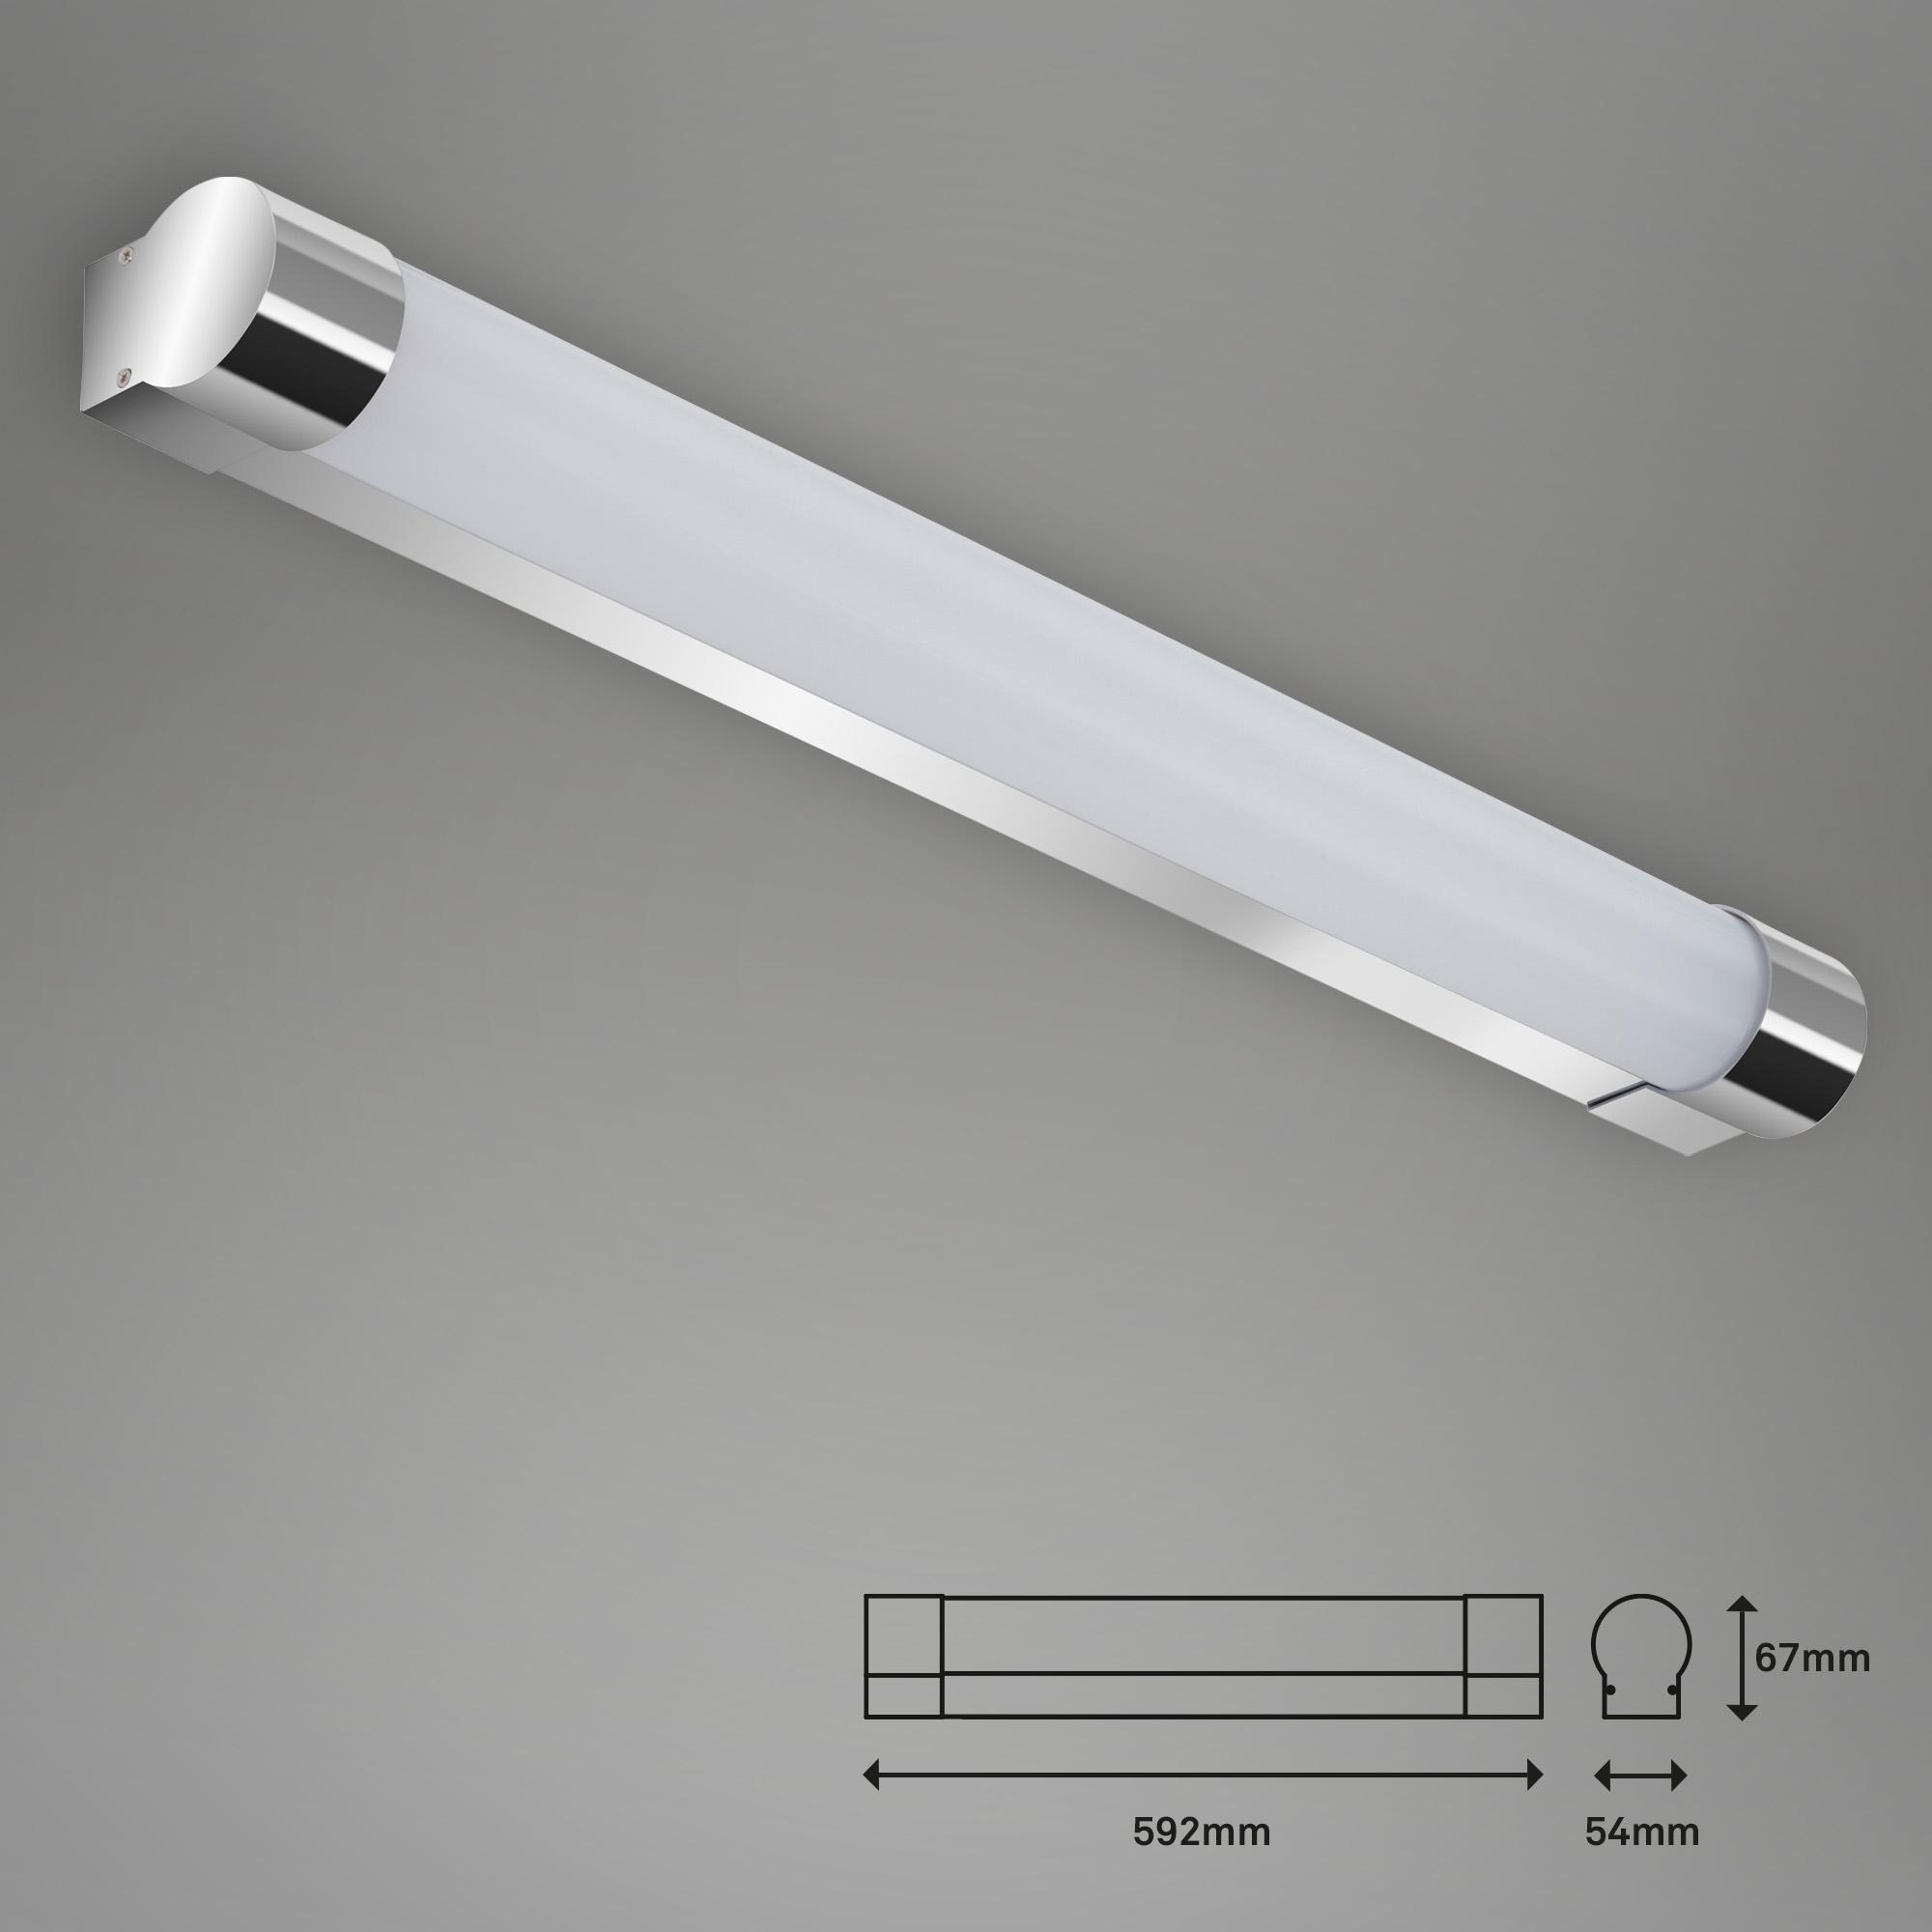 LED Wand- und Deckenleuchte, 59,2 cm, 10 W, Chrom